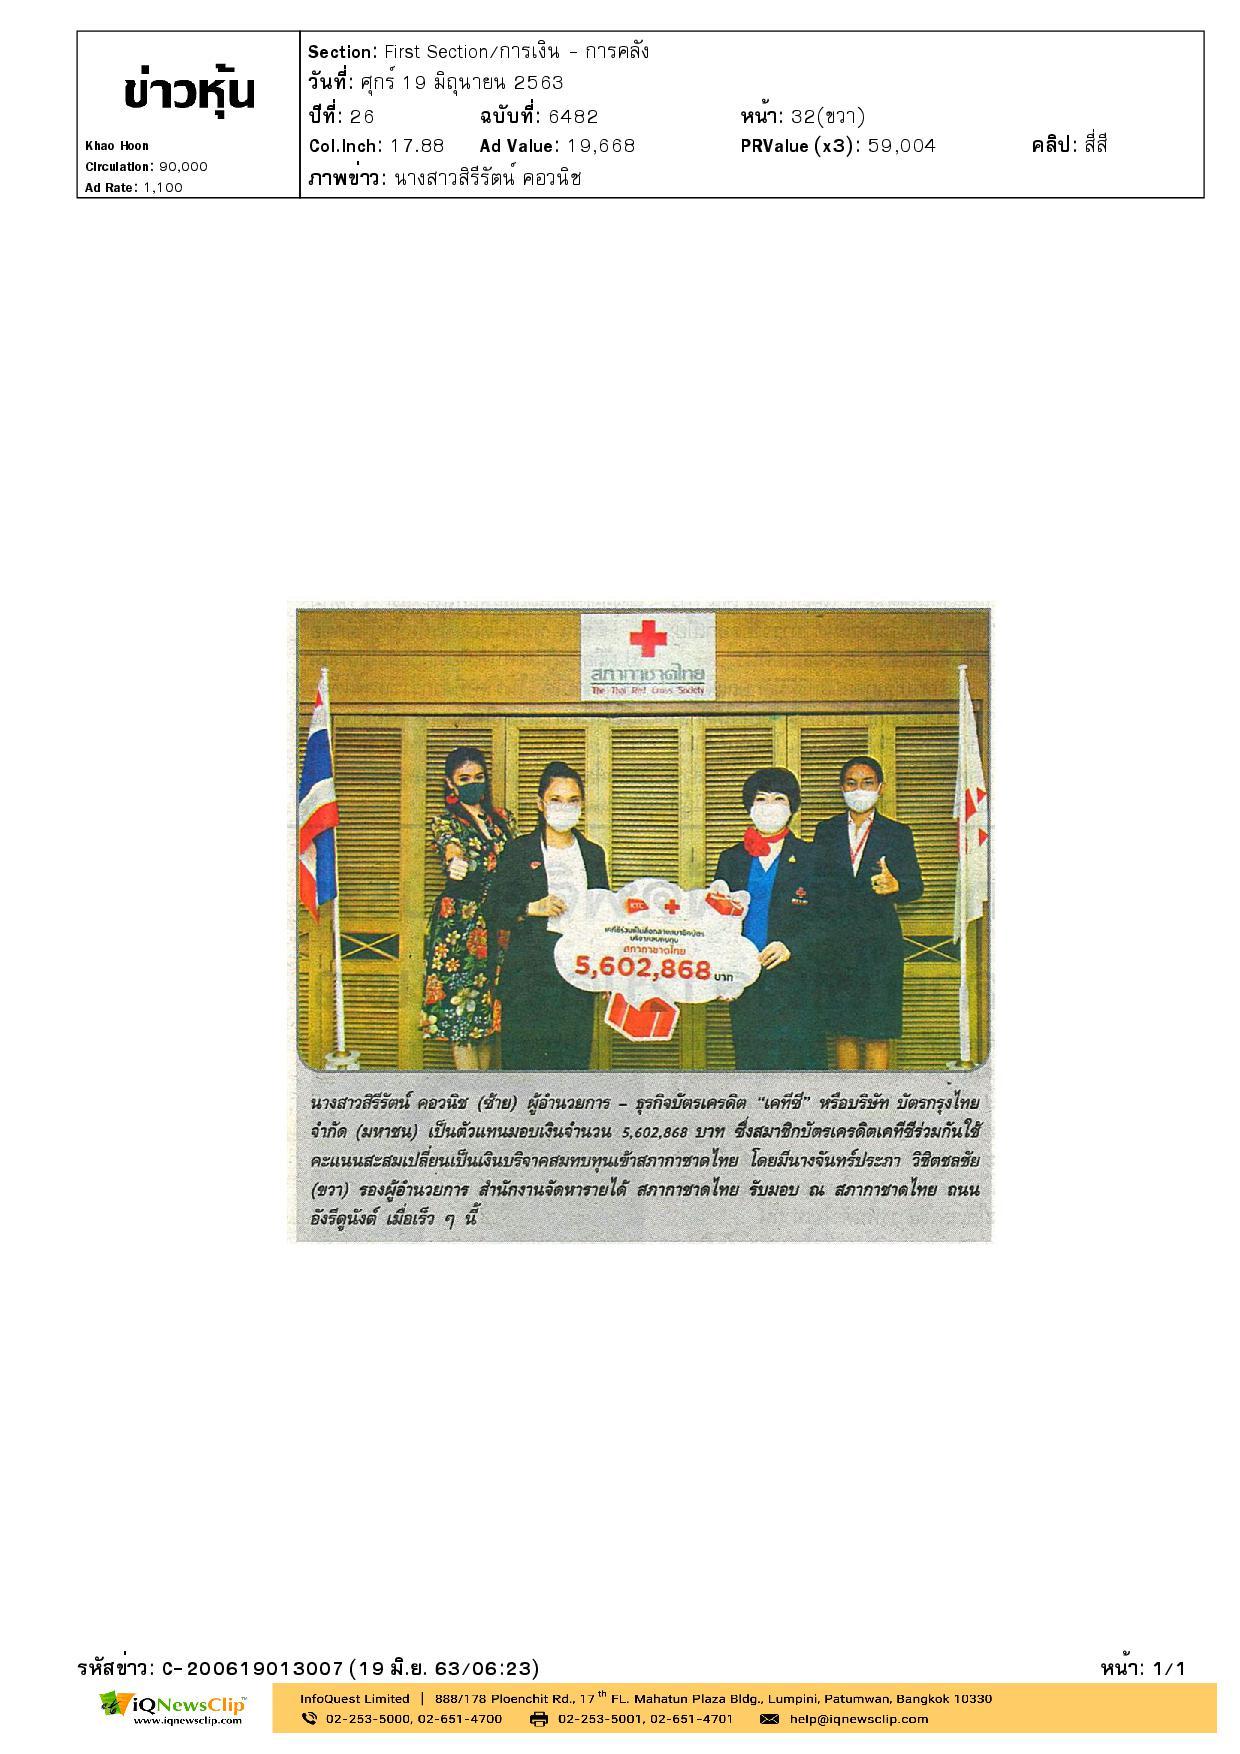 บริจาคเงินสนับสนุนกิจการสภากาชาดไทย